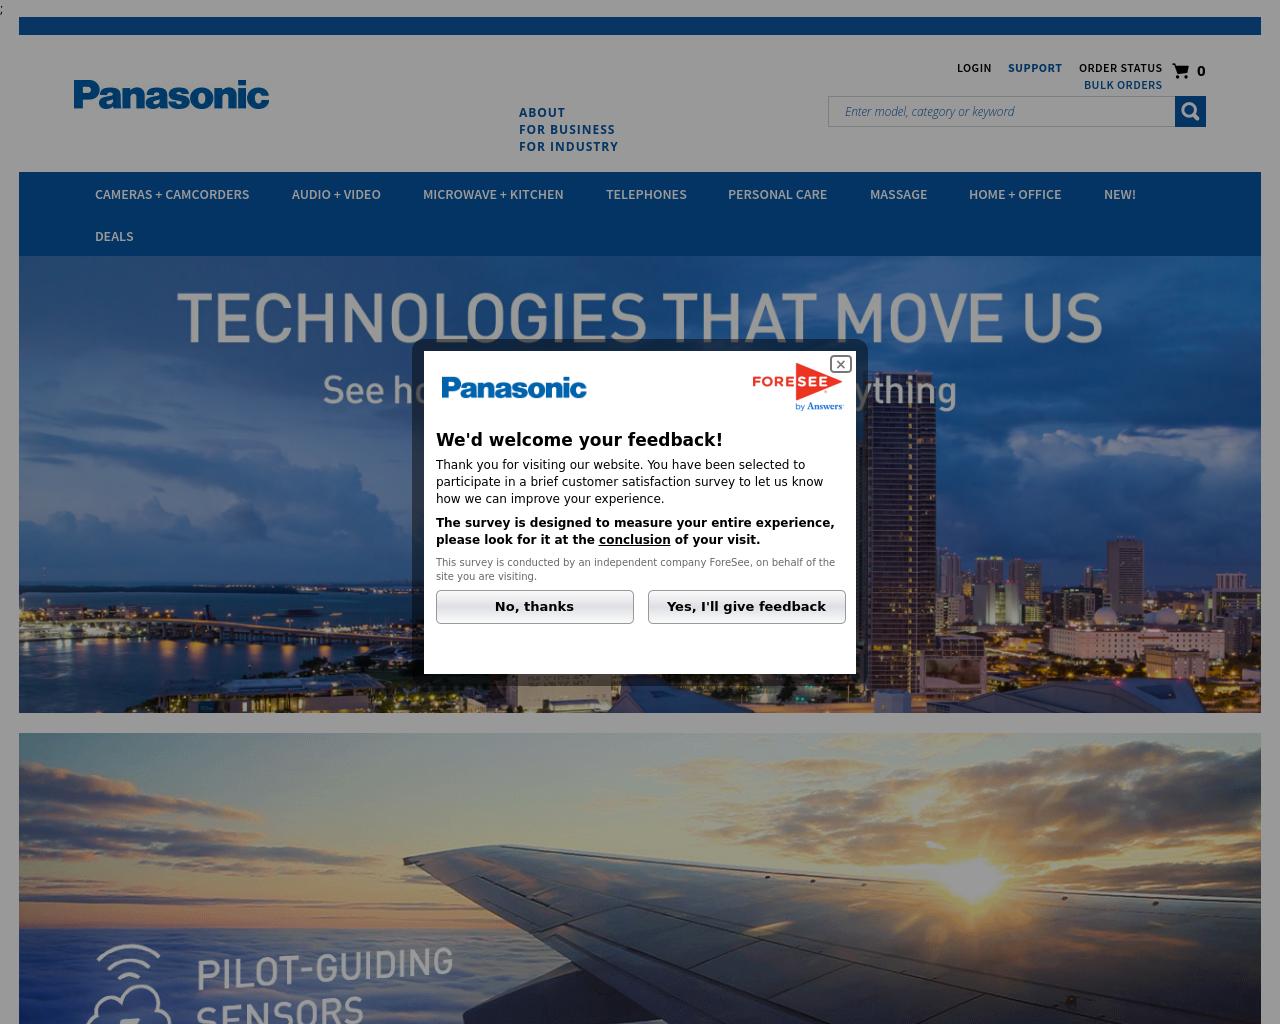 Panasonic-Advertising-Reviews-Pricing